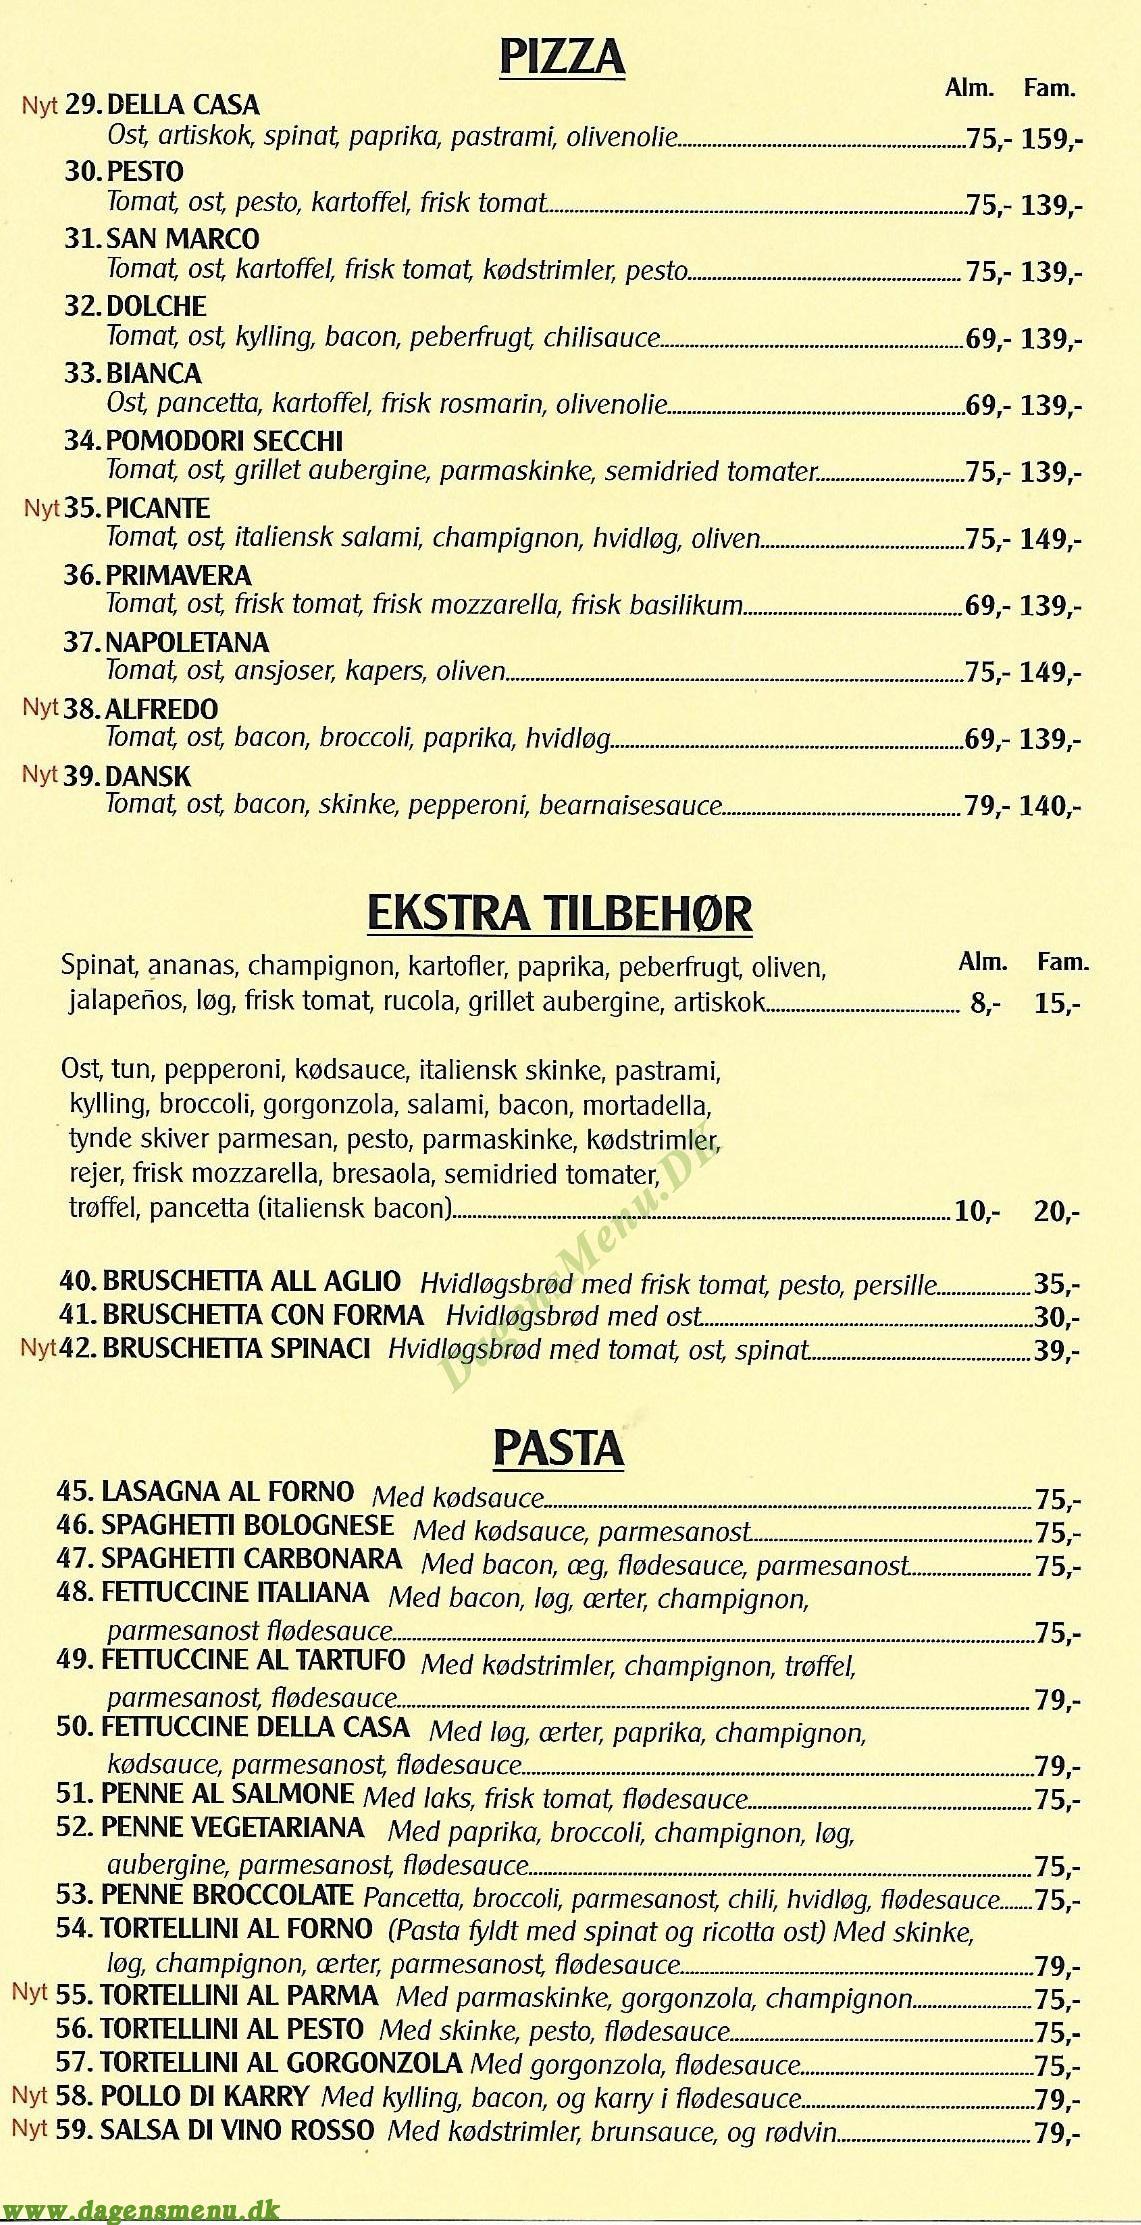 Buffalo Pizza - Menukort